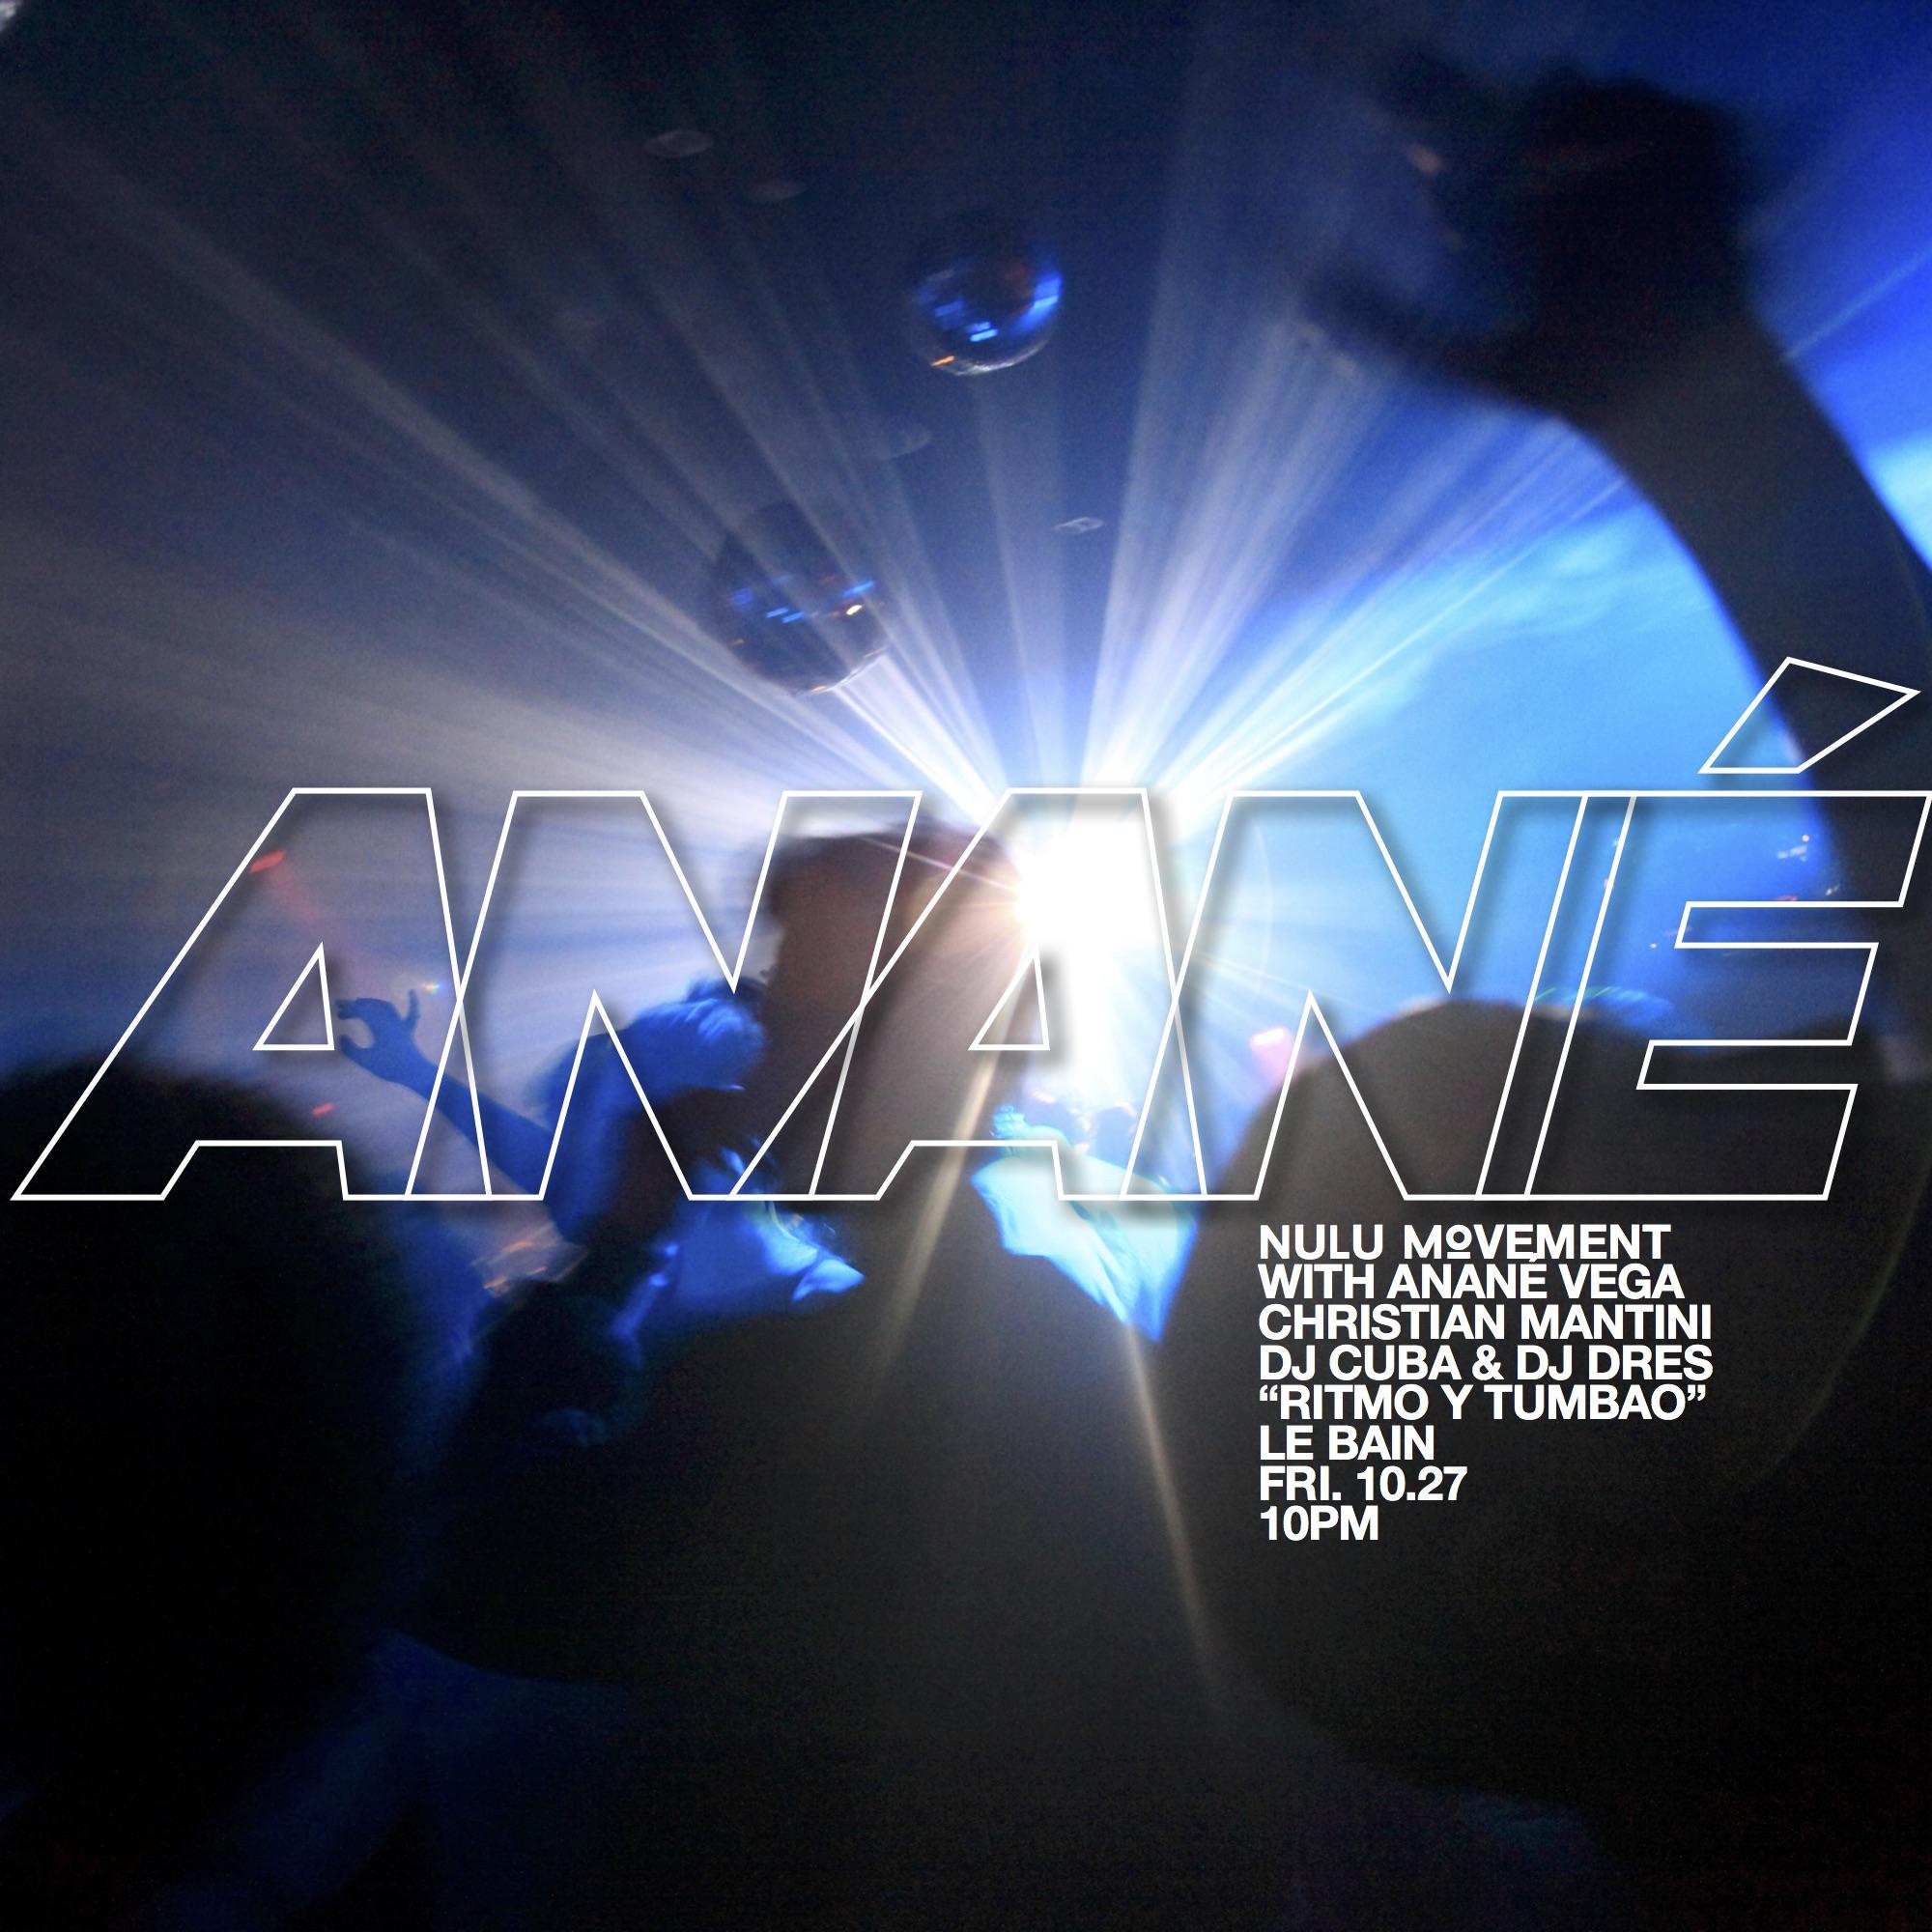 AnanéSQ